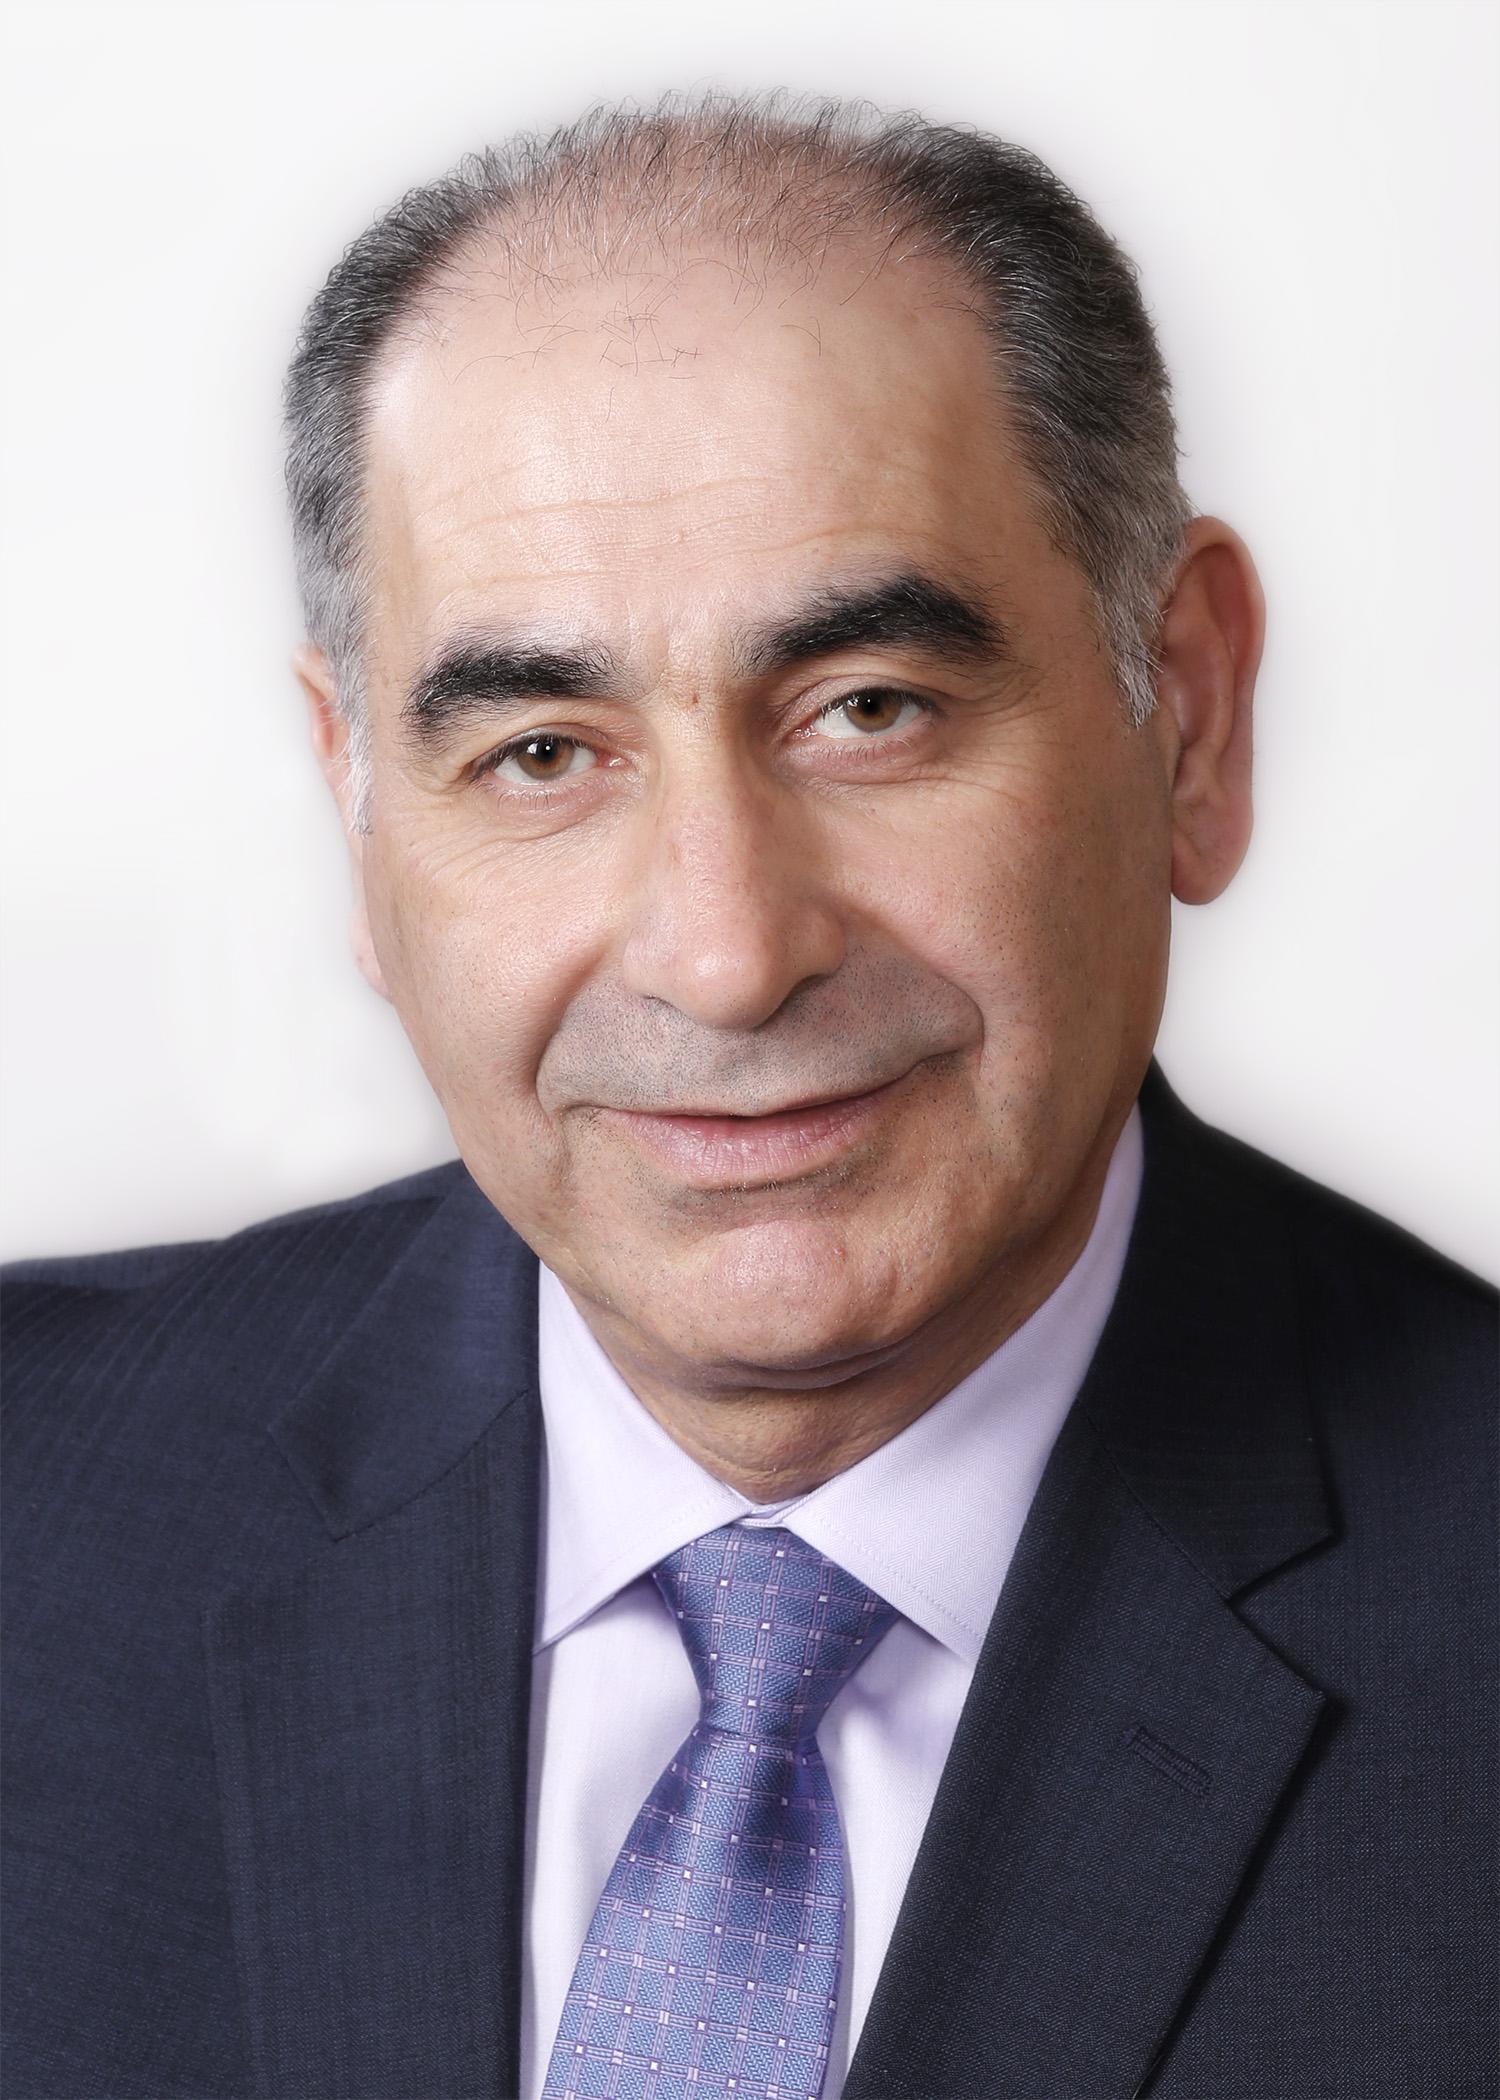 Abbas Homayed - 2019